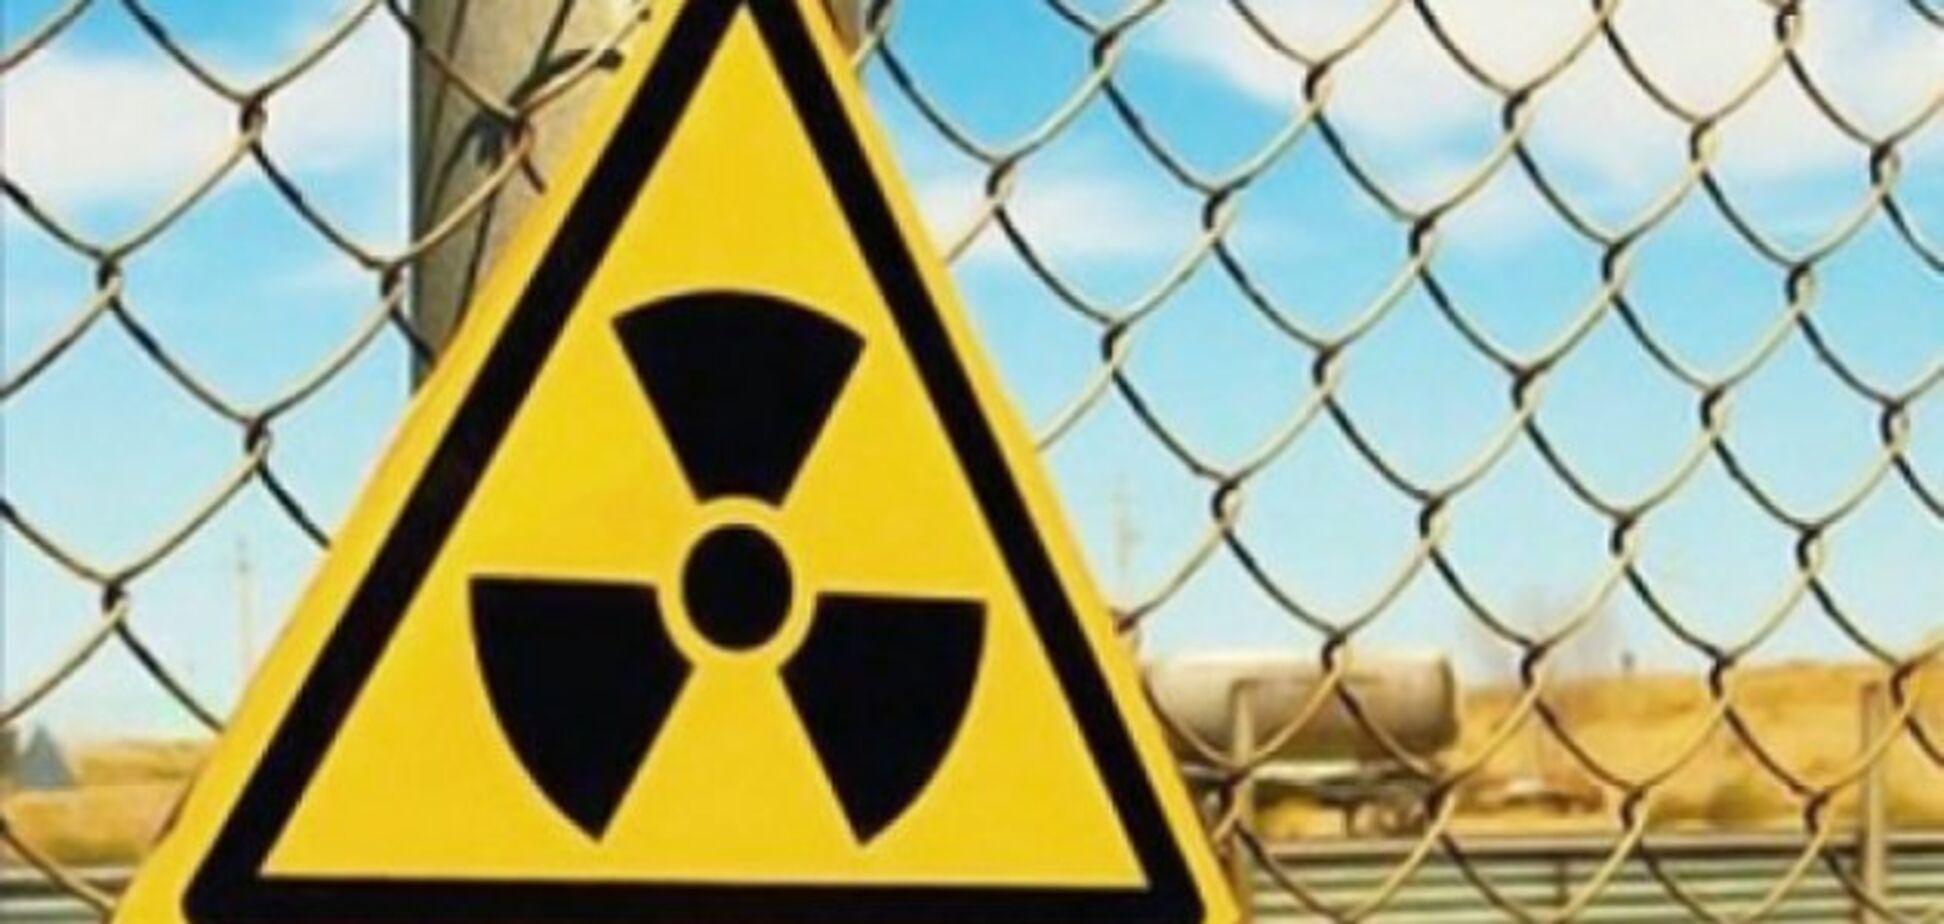 Вызывайте санитаров! Россия хочет сделать из Донбасса ядерный могильник